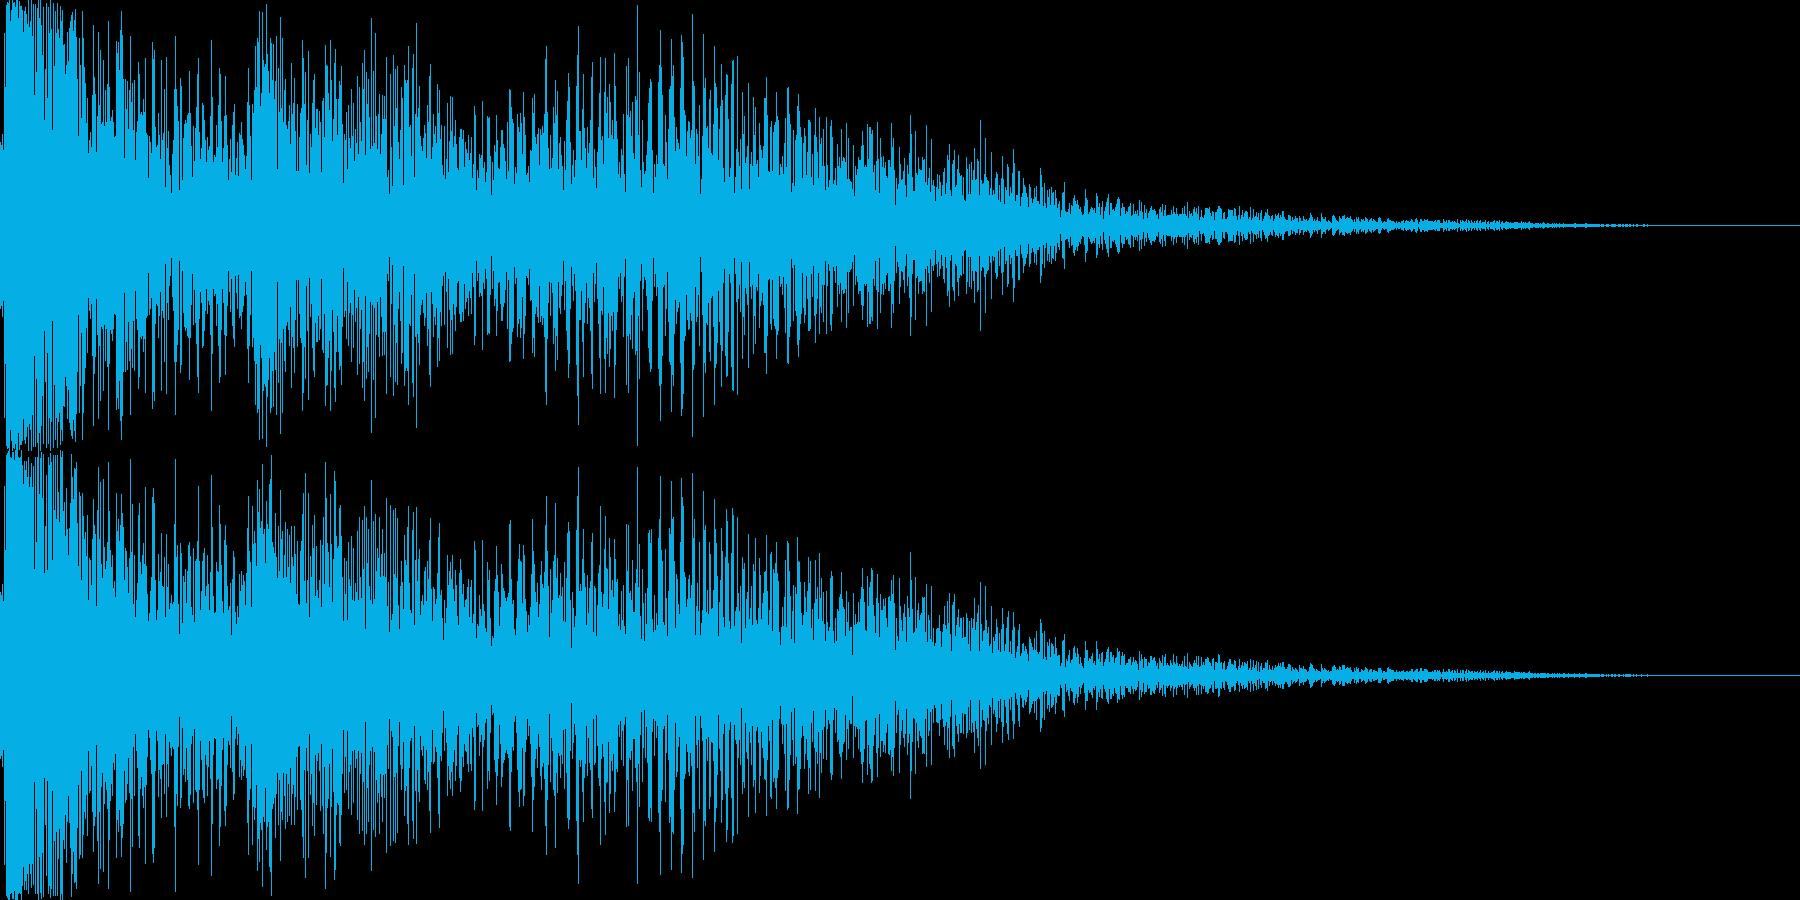 なにかに失敗したときの音の再生済みの波形